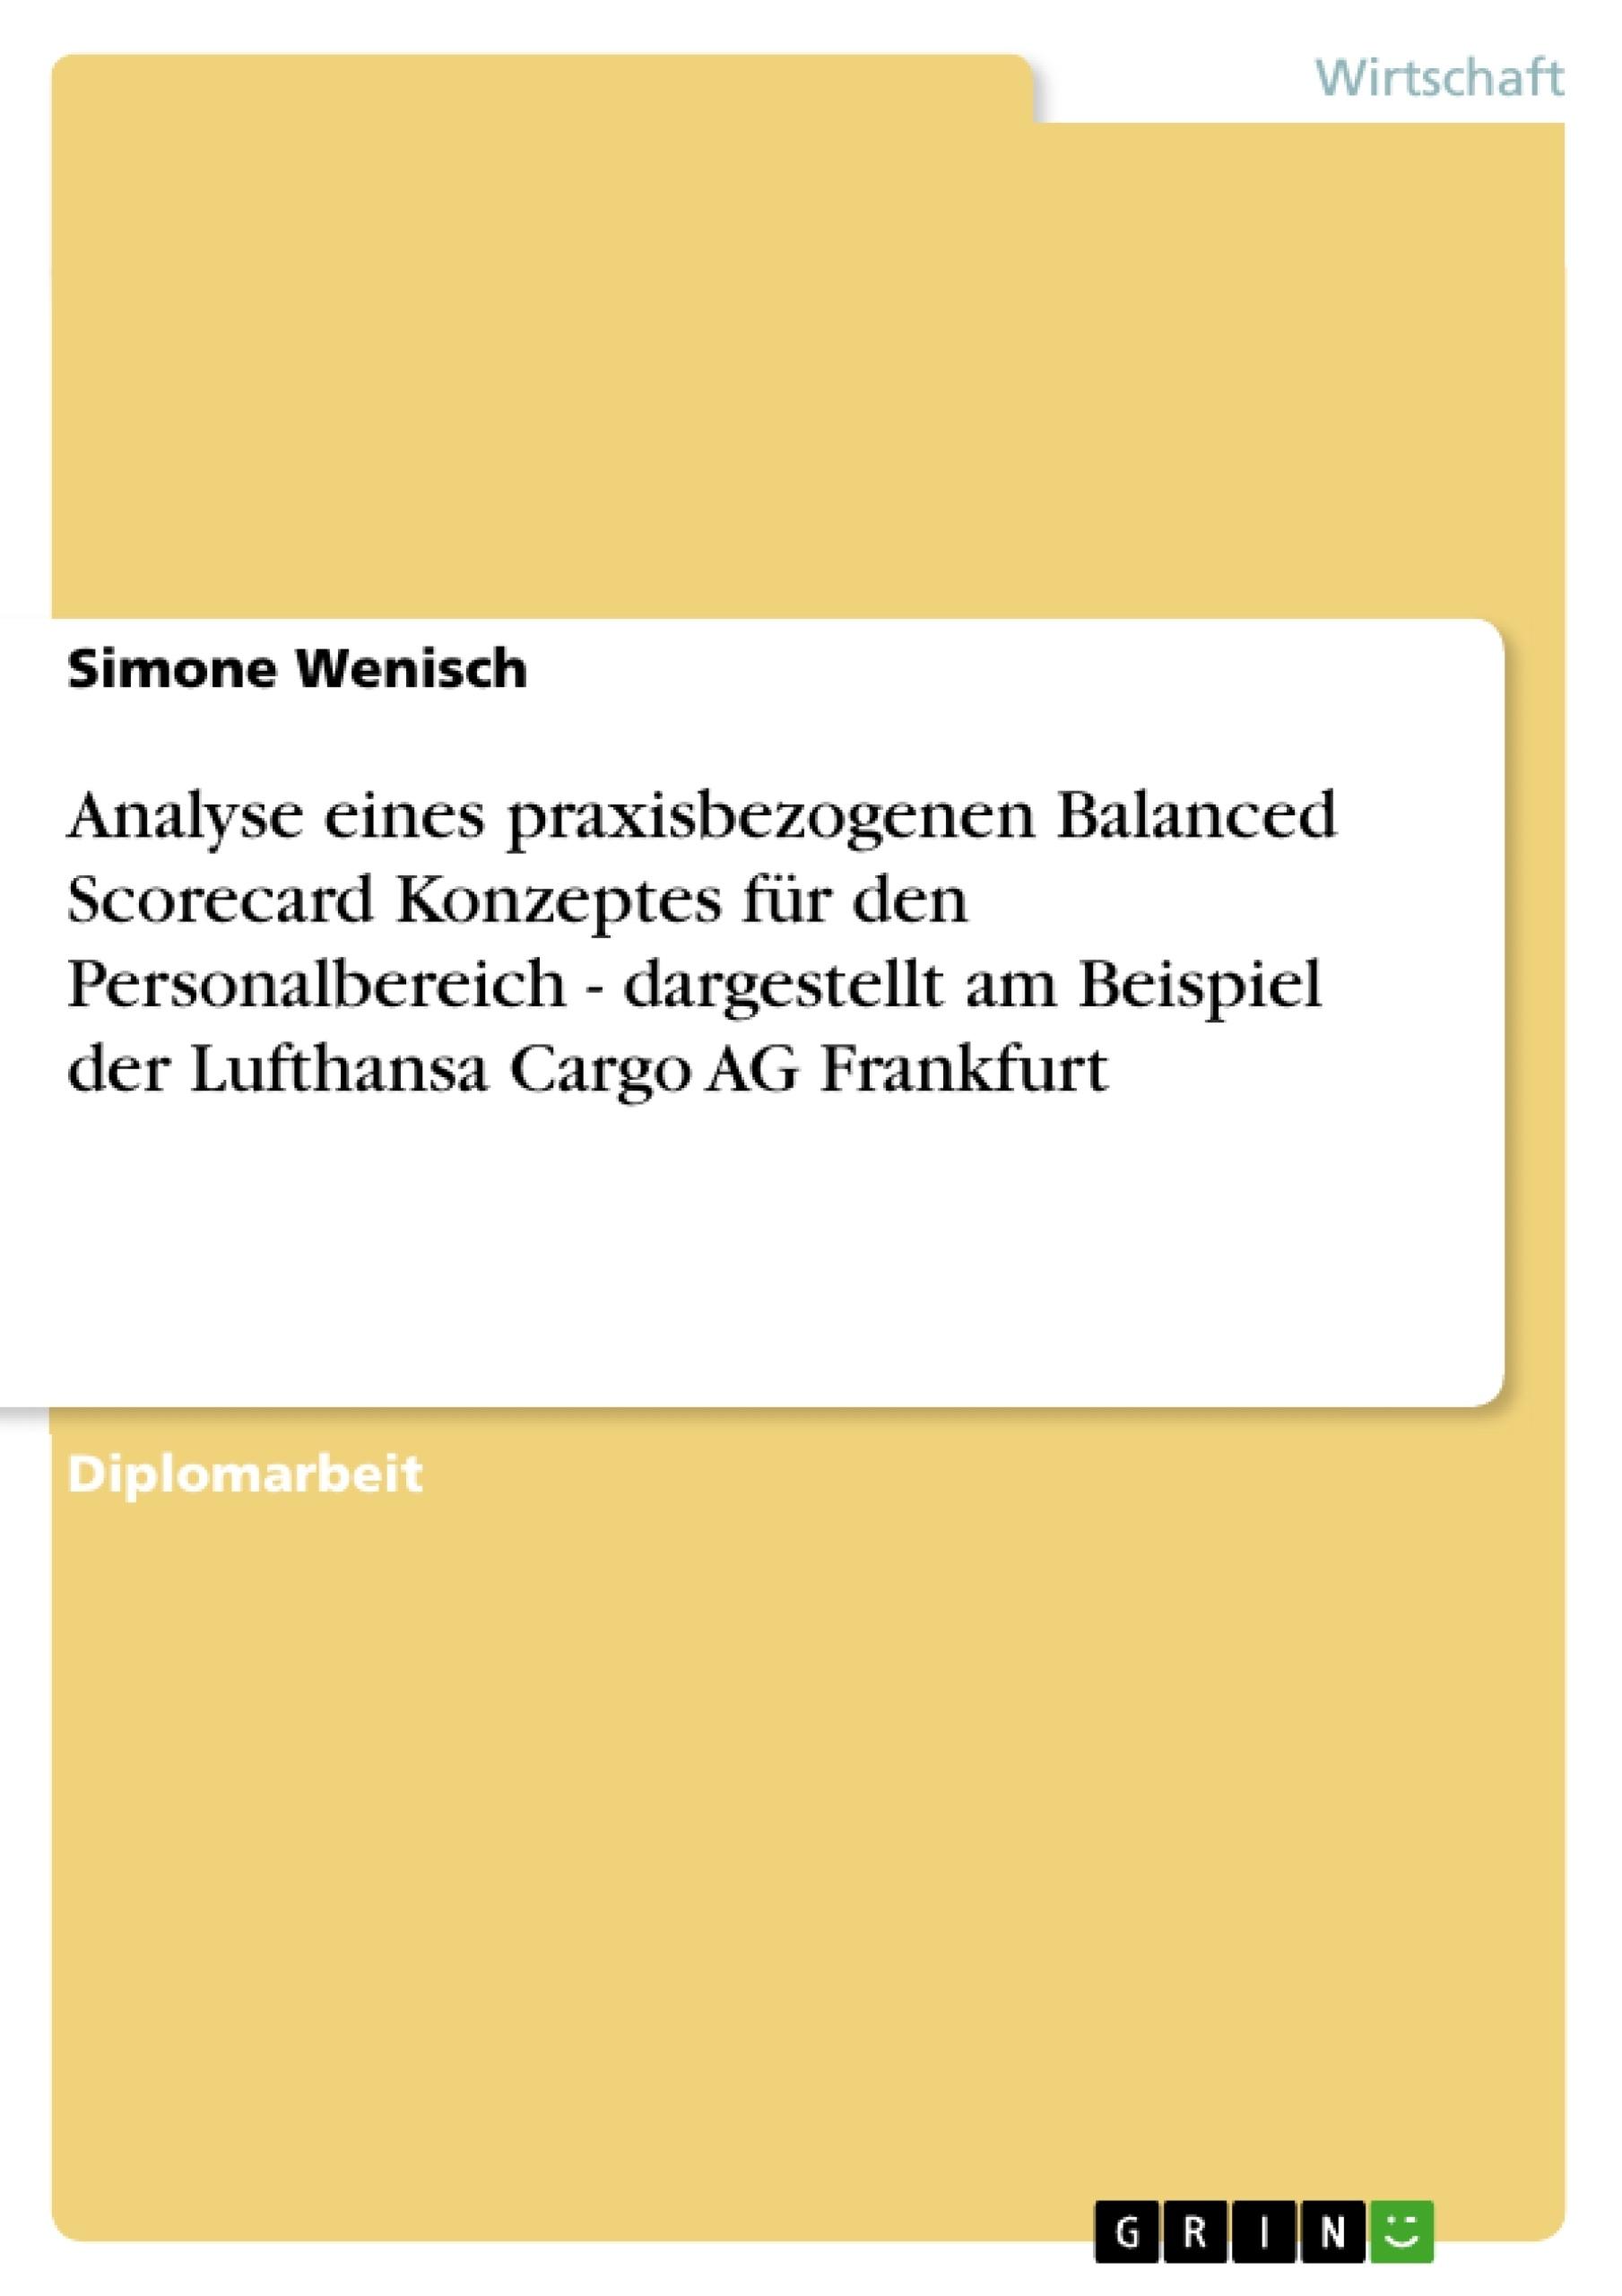 Titel: Analyse eines praxisbezogenen Balanced Scorecard Konzeptes für den Personalbereich - dargestellt am Beispiel der Lufthansa Cargo AG Frankfurt